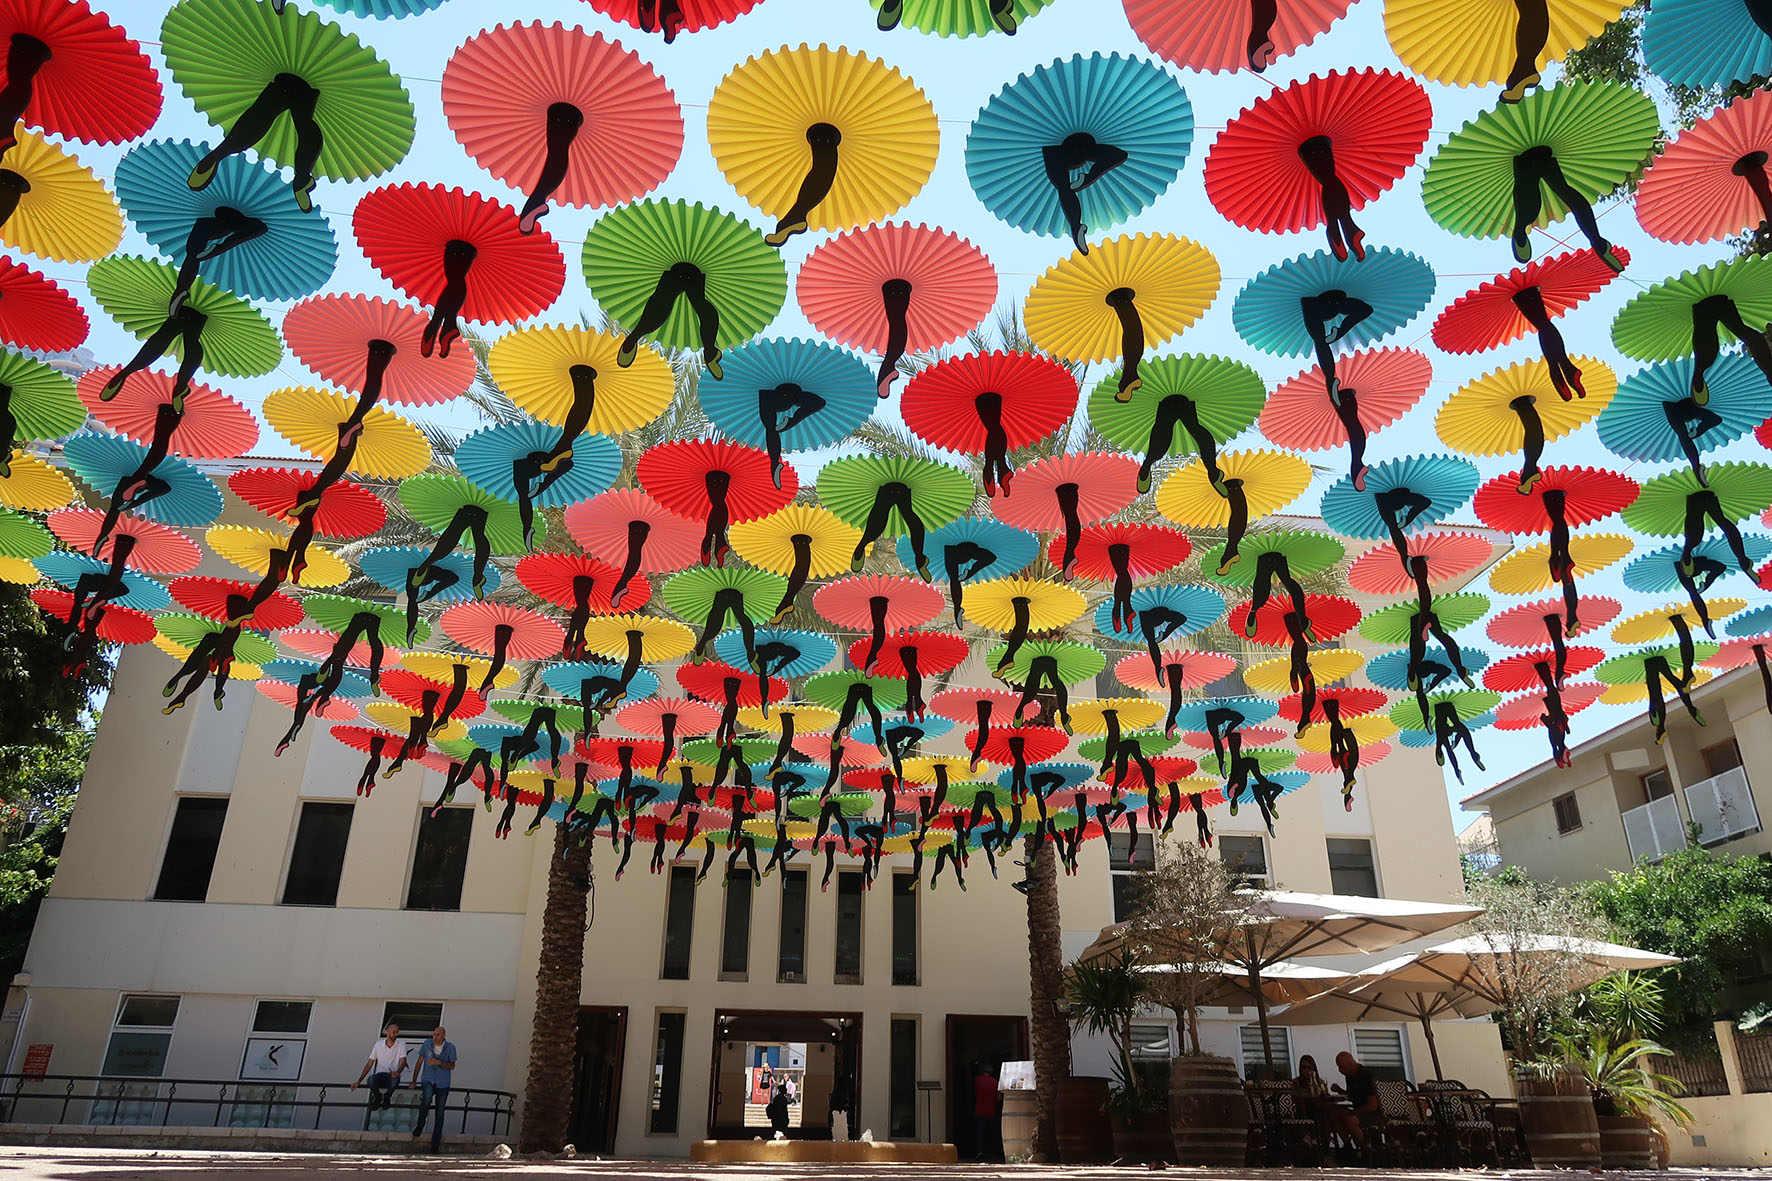 חפצים - עיצוב הבית פנטזיה ברחוב</br>מיזמים במרחב הציבורי מרשימים – מפתיעים ומעניינים